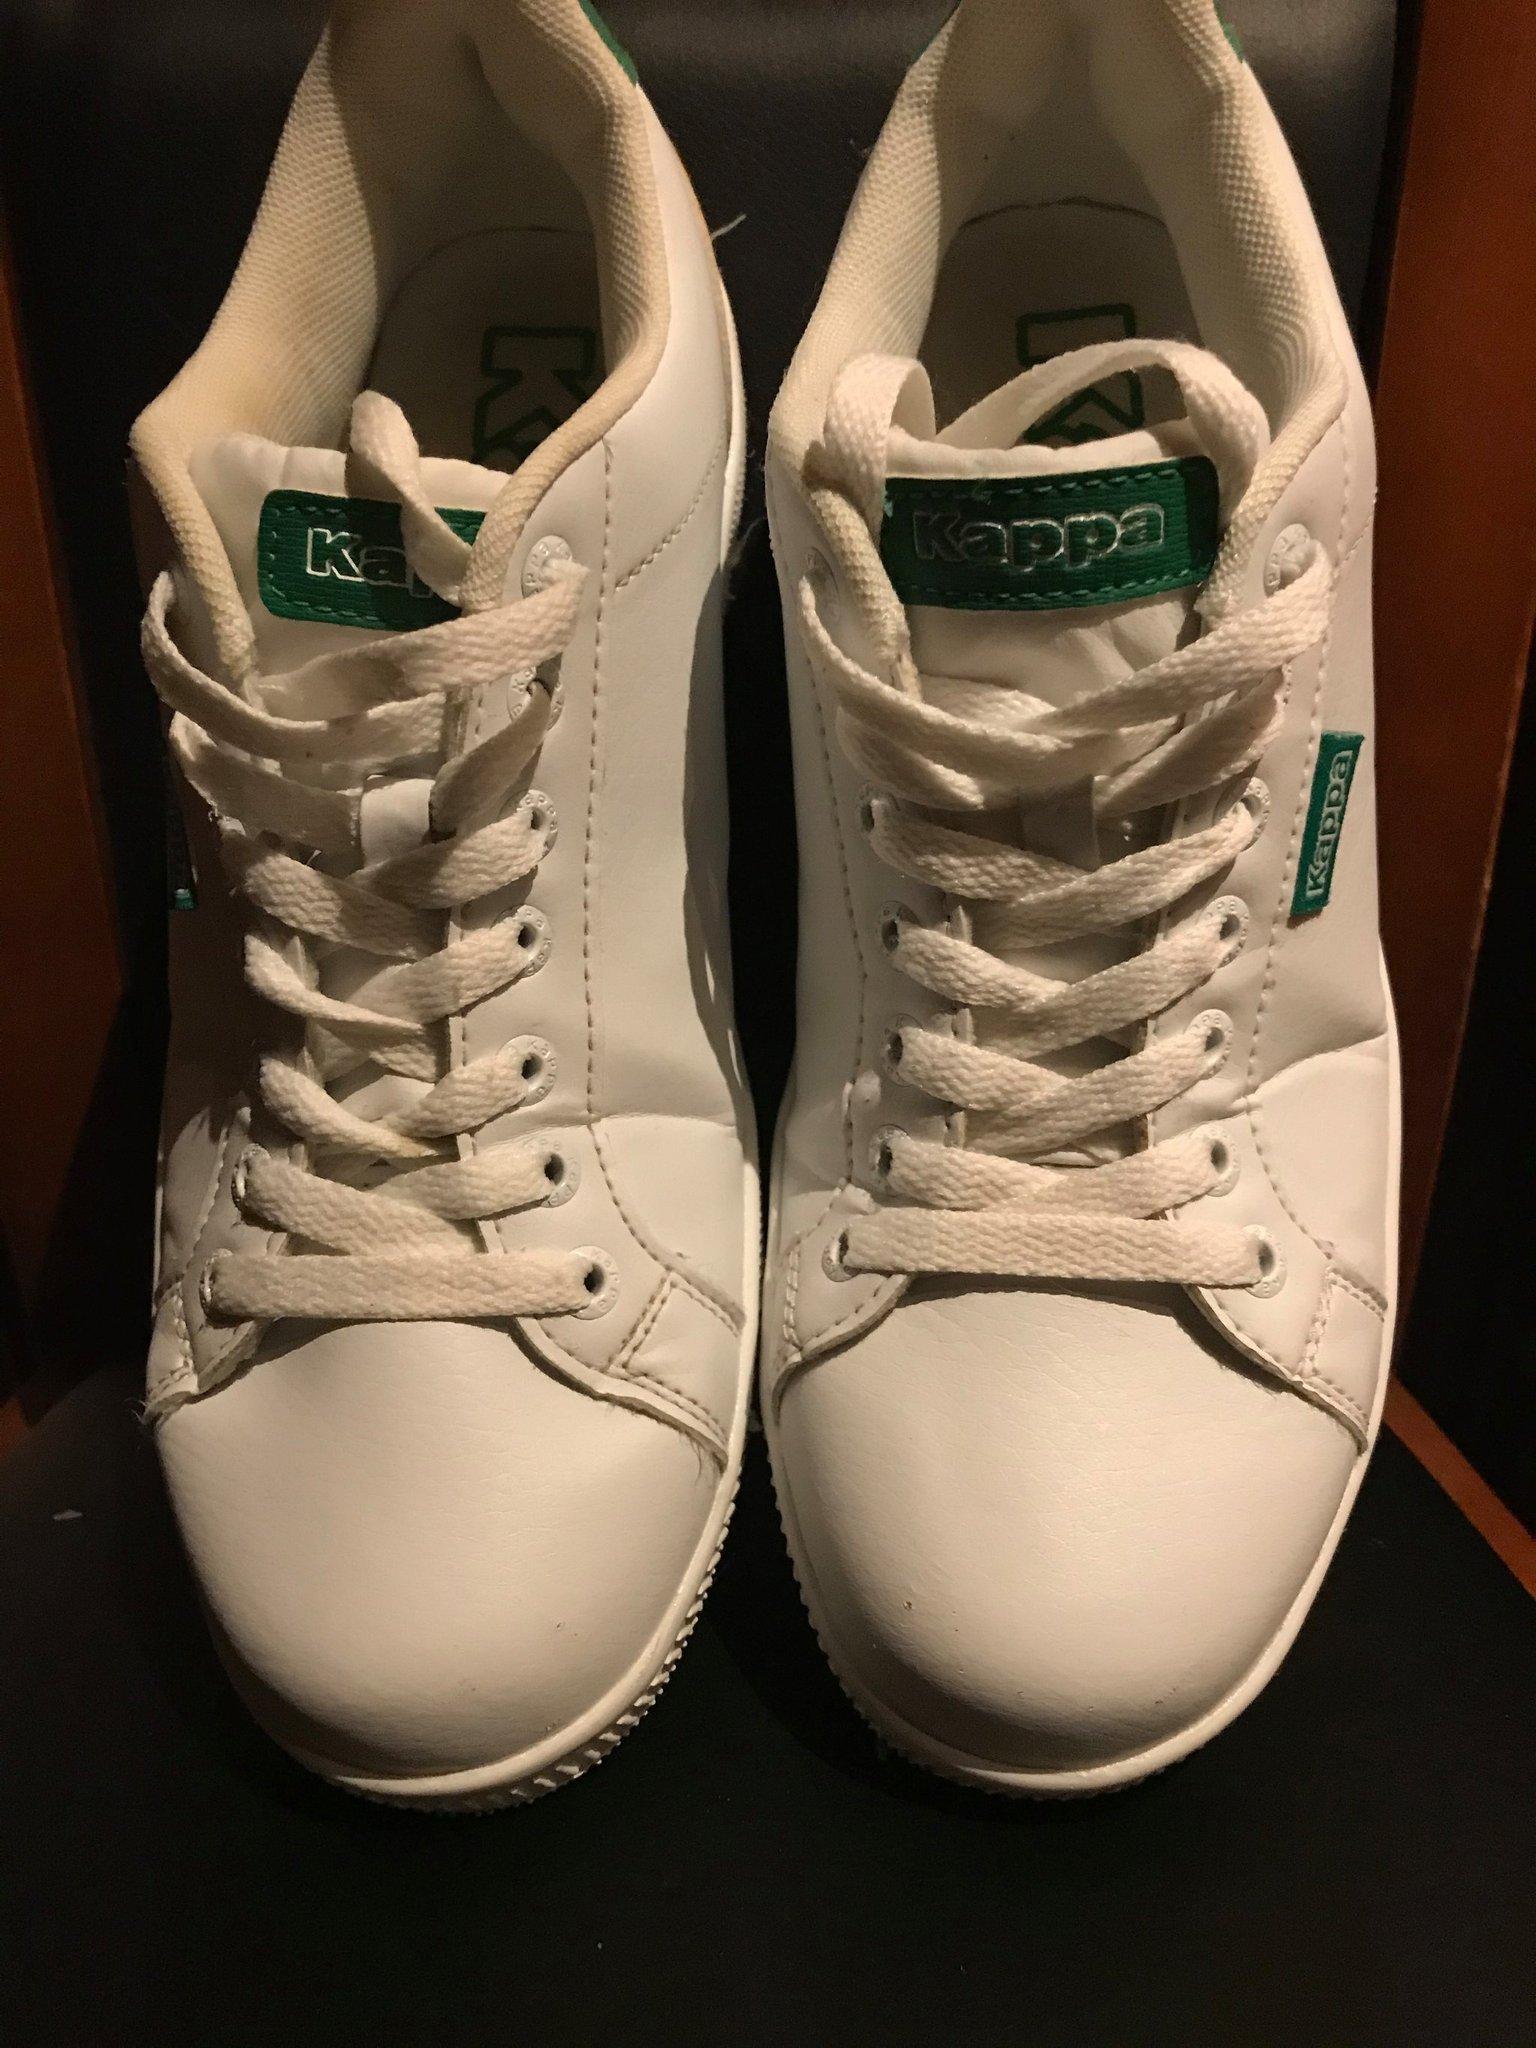 Kappa skor storlek 40 (372475538) ᐈ Köp på Tradera